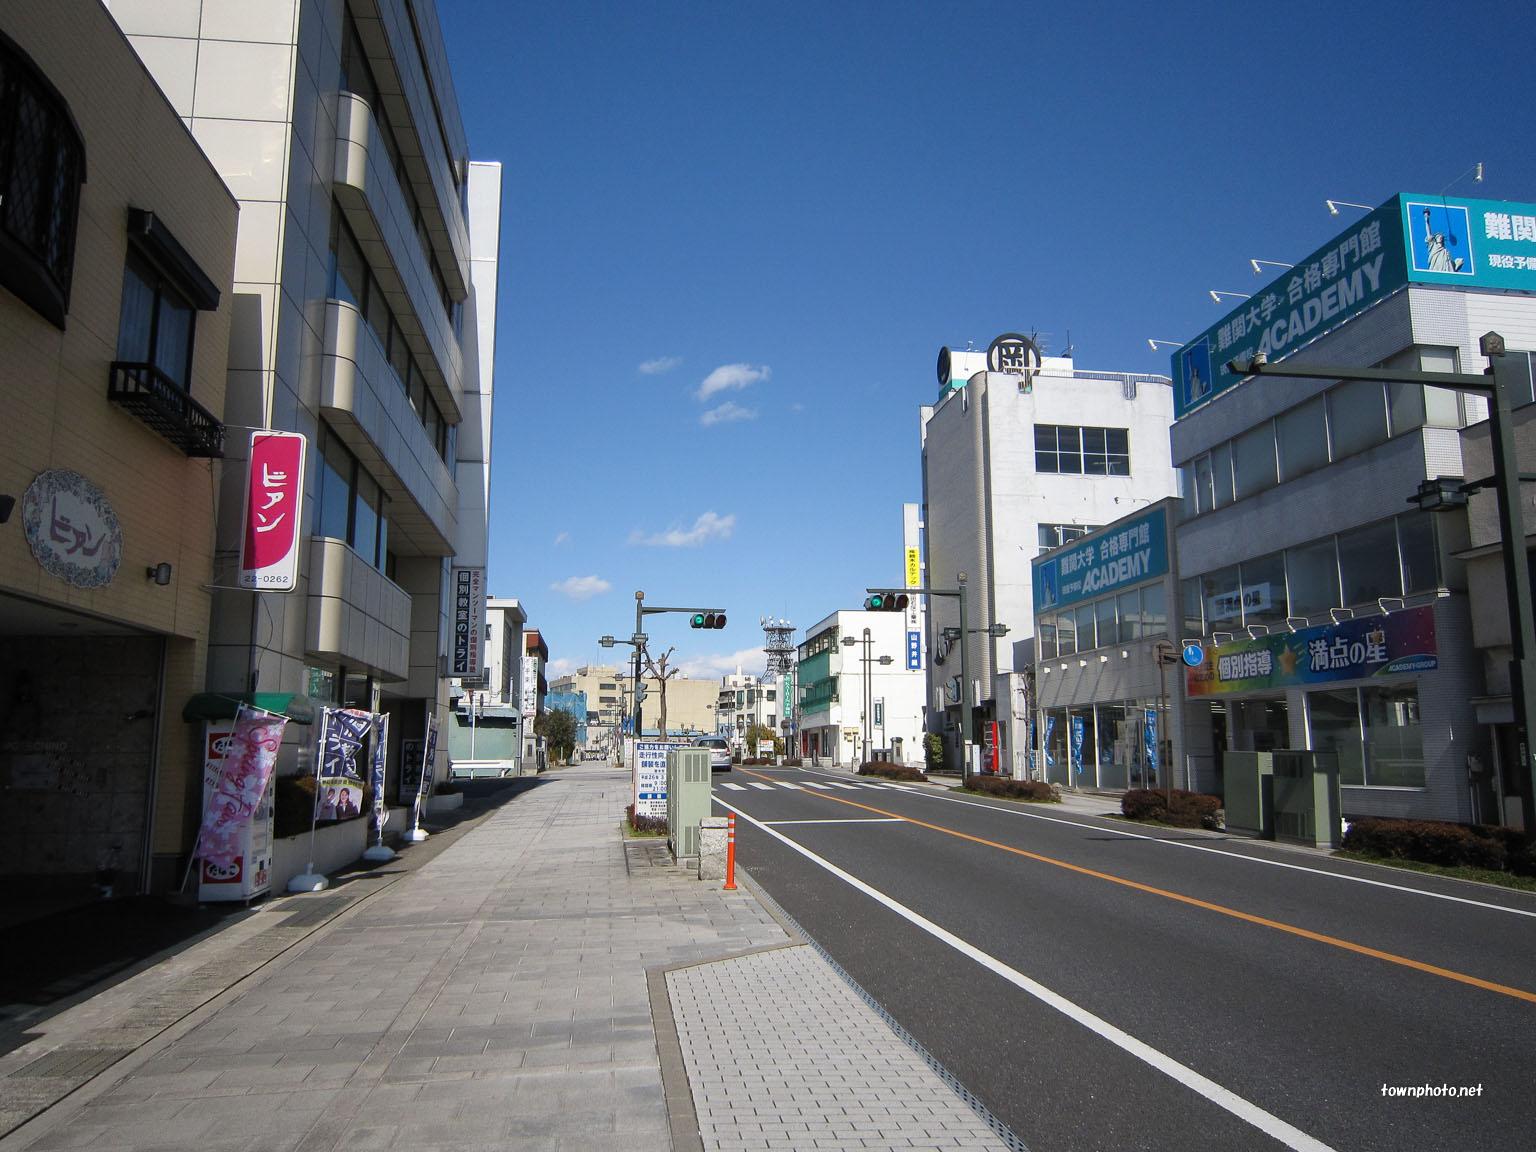 【画像】日本の景観、世界一だった!無電柱化、東京8%大阪6%ロンドン100%パリ100%台北95%ソウル46%  [517459952]YouTube動画>2本 ->画像>45枚